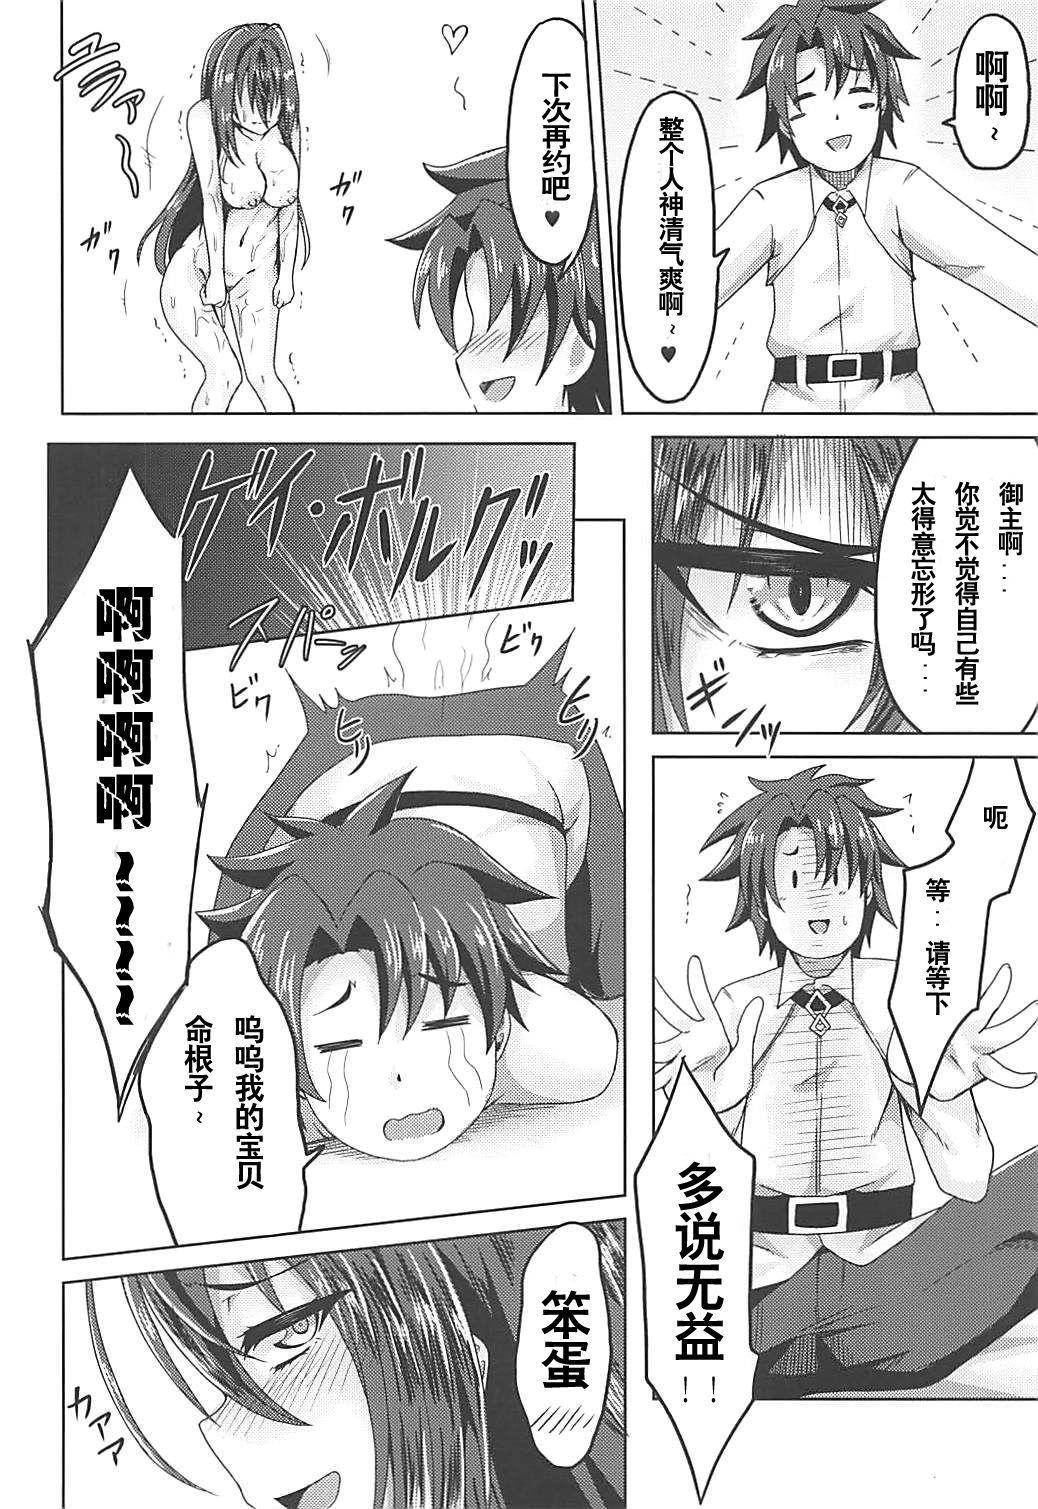 Scathach Shishou to Koibito Ecchi 20